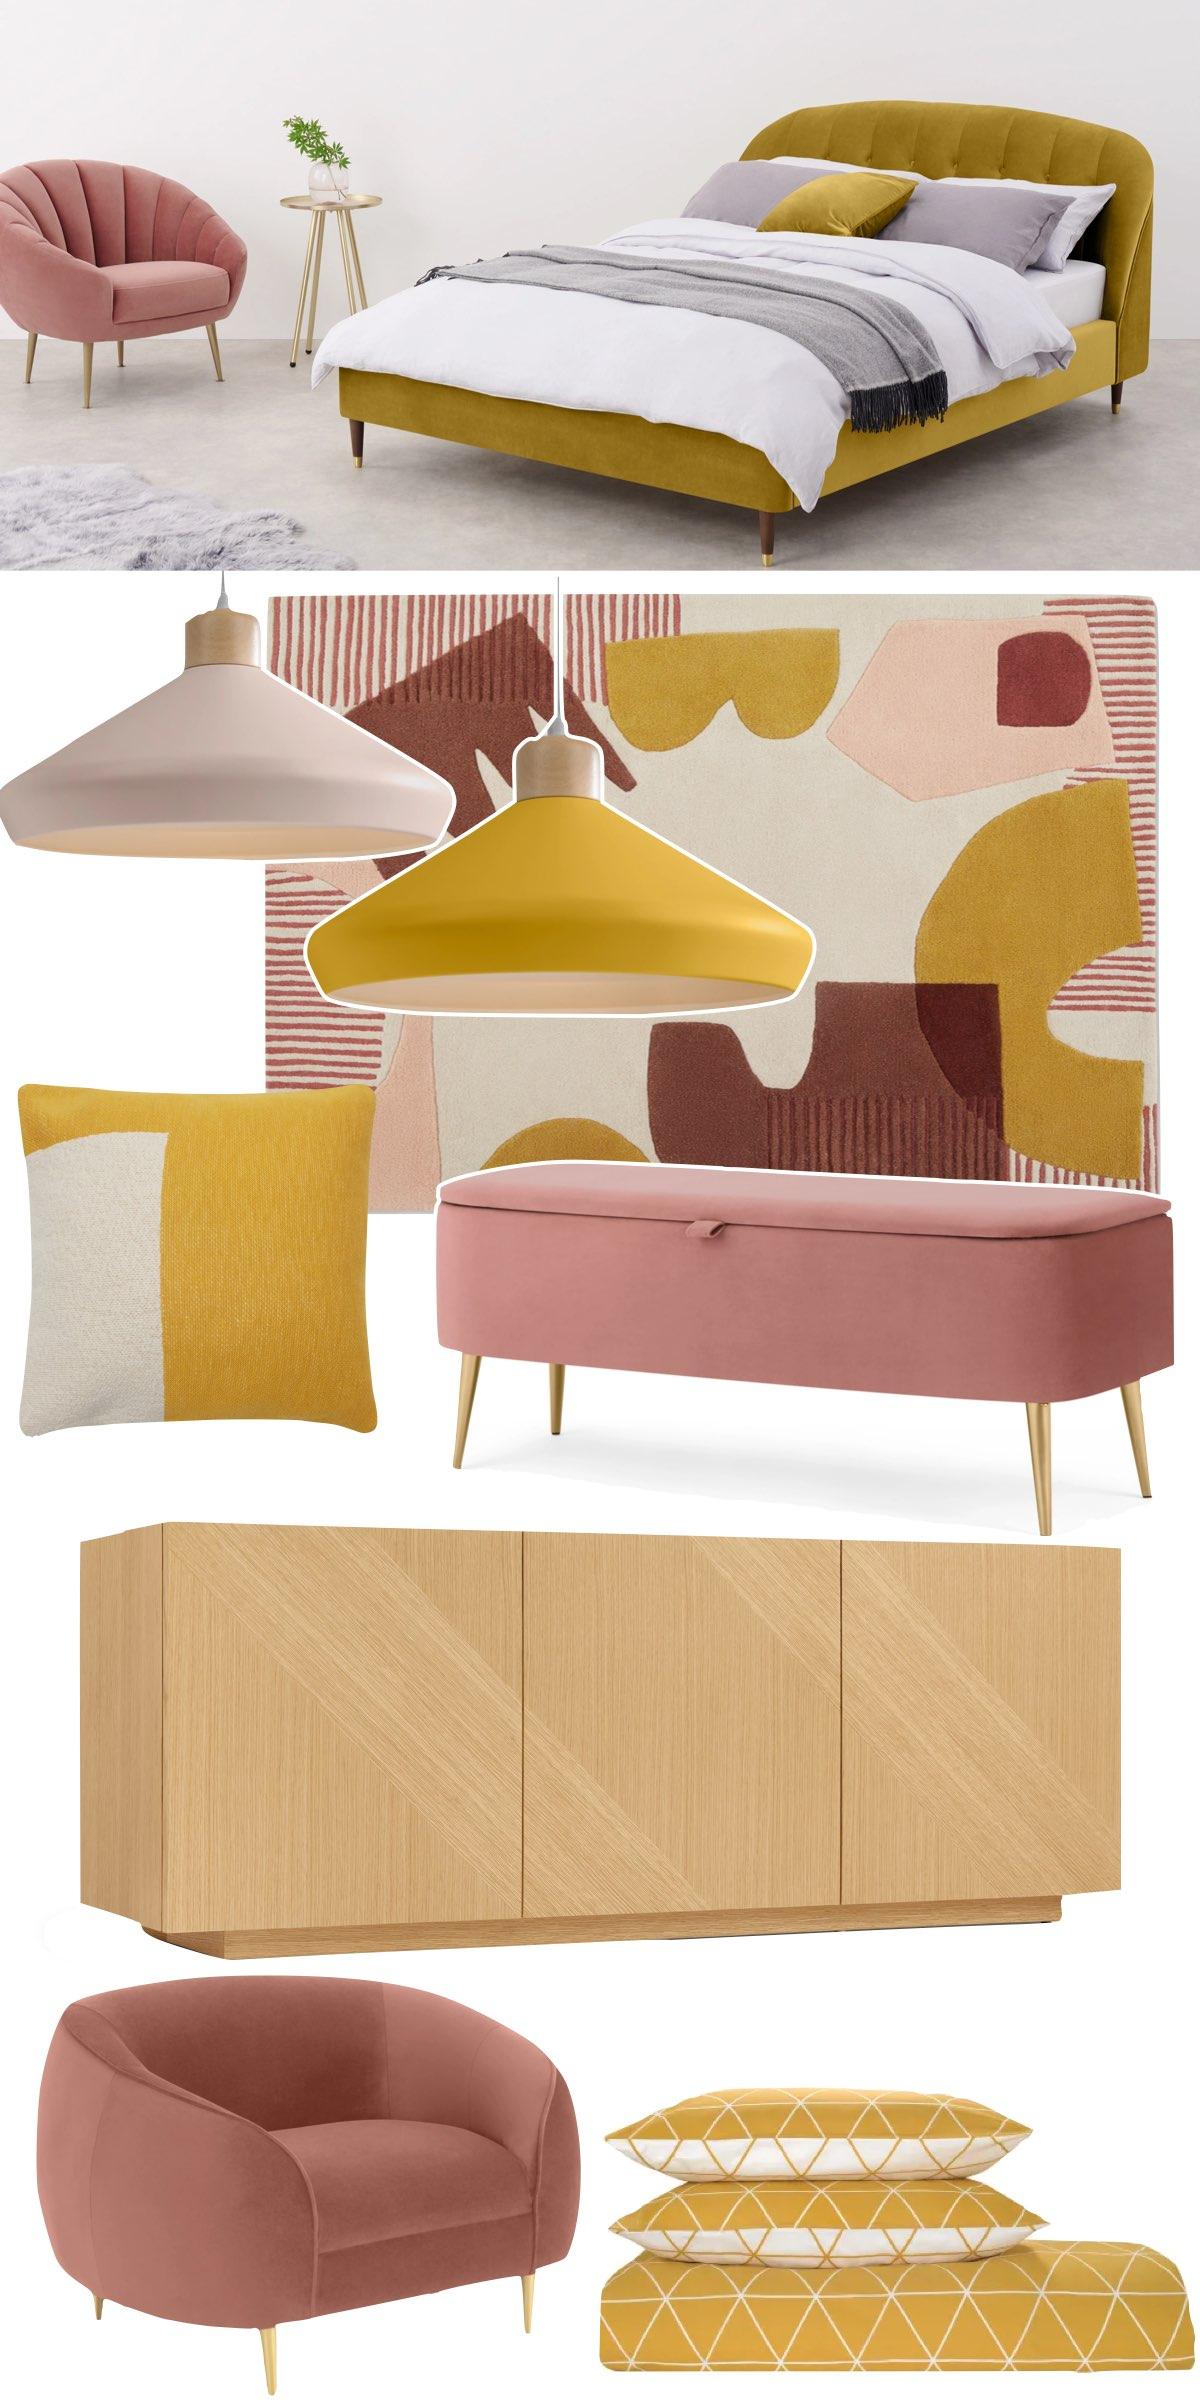 tendance déco 2021 couleur ocre chambre - blog décoration intérieure - clemaroundthecorner